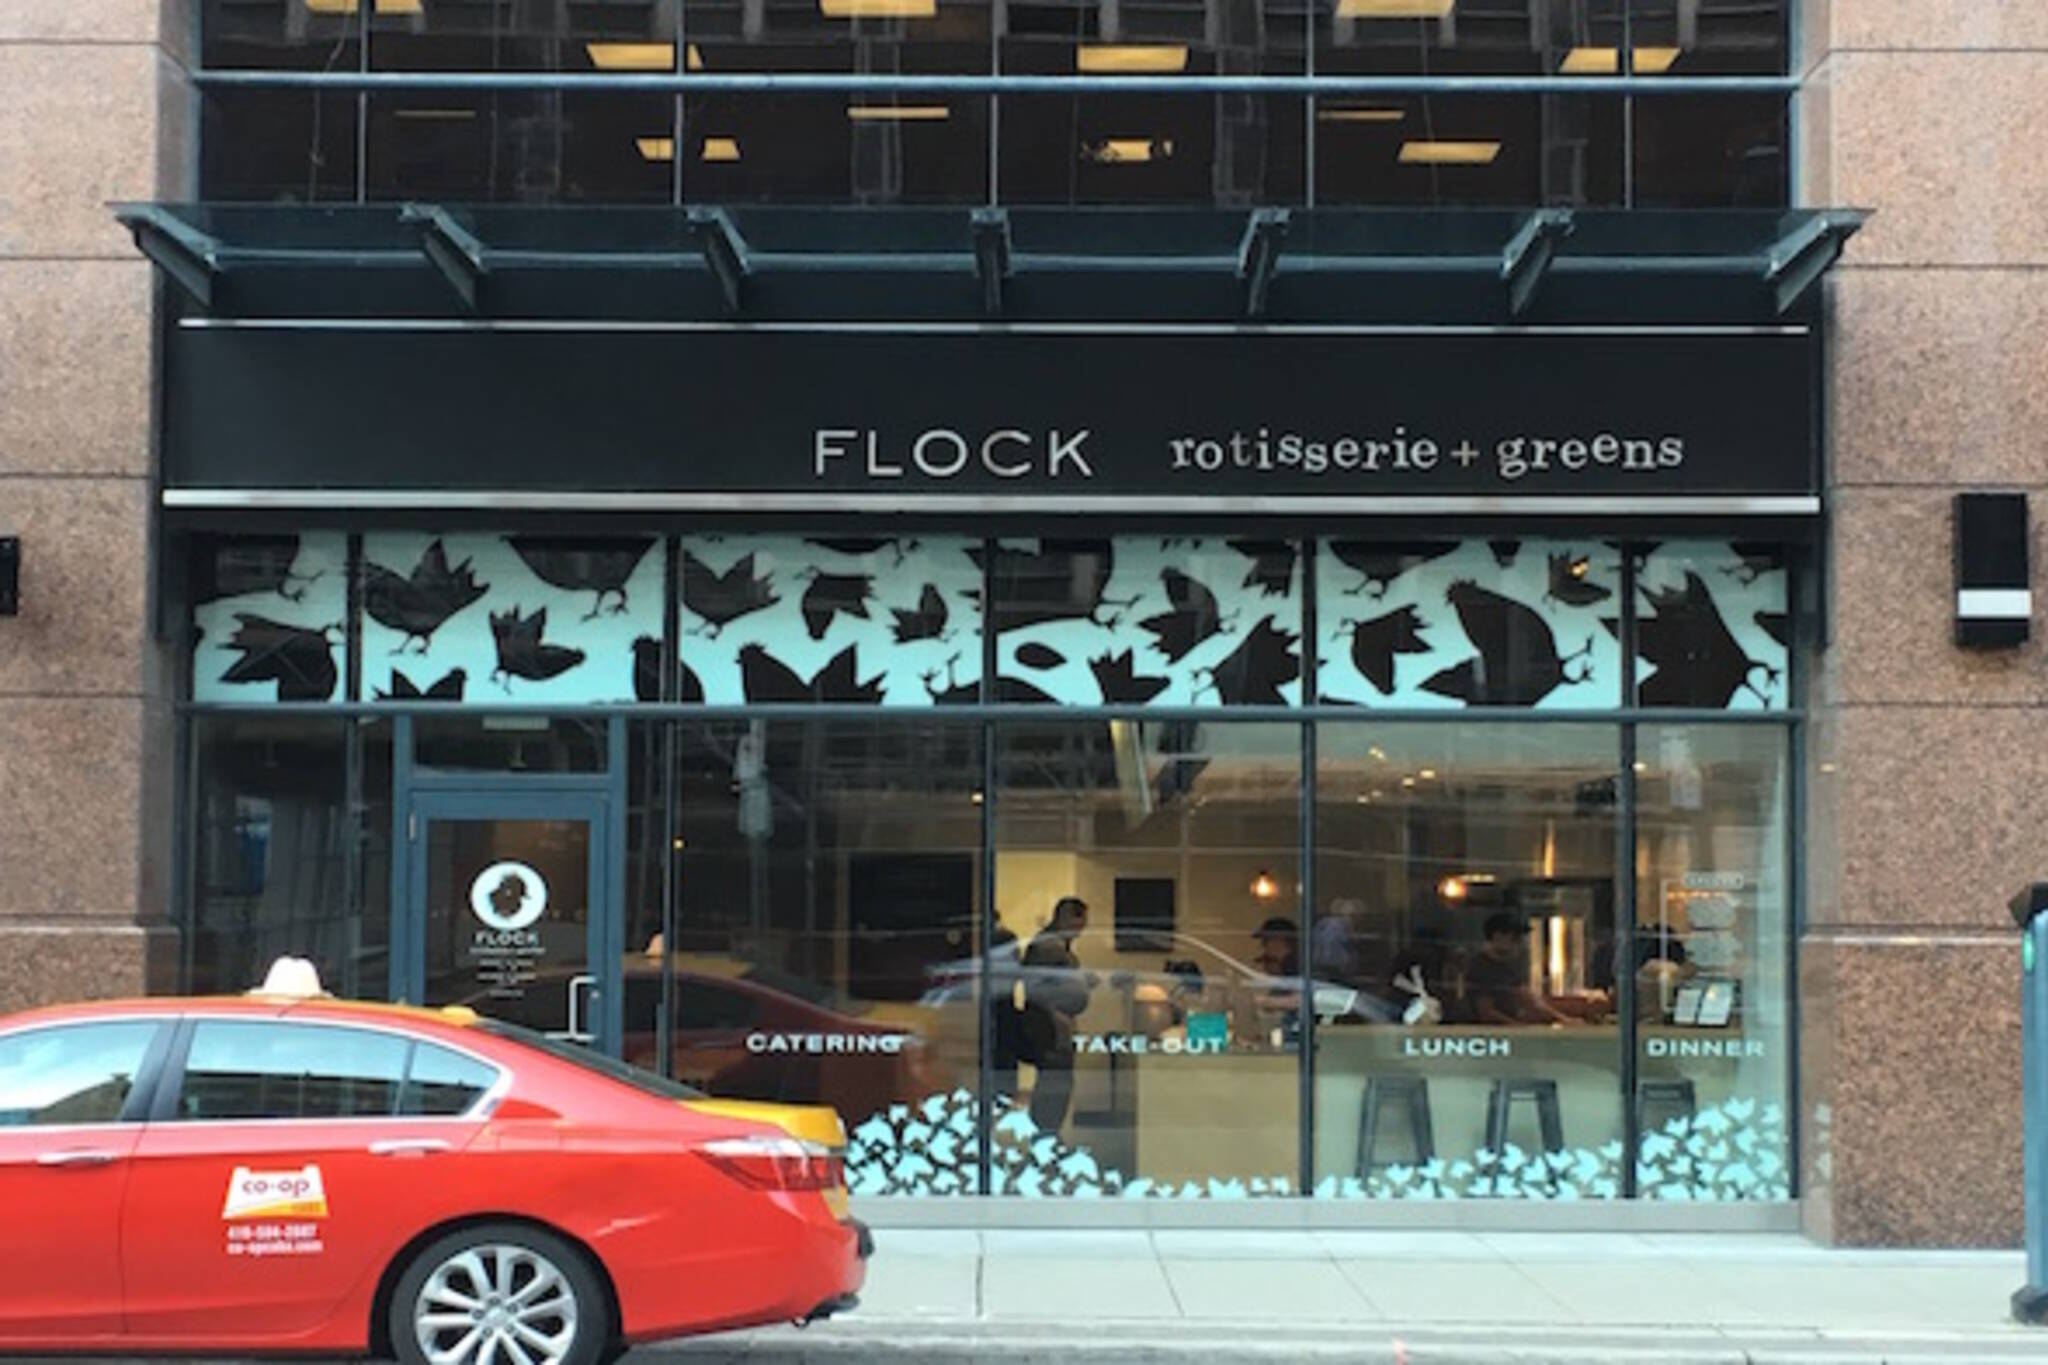 Flock bloor Toronto